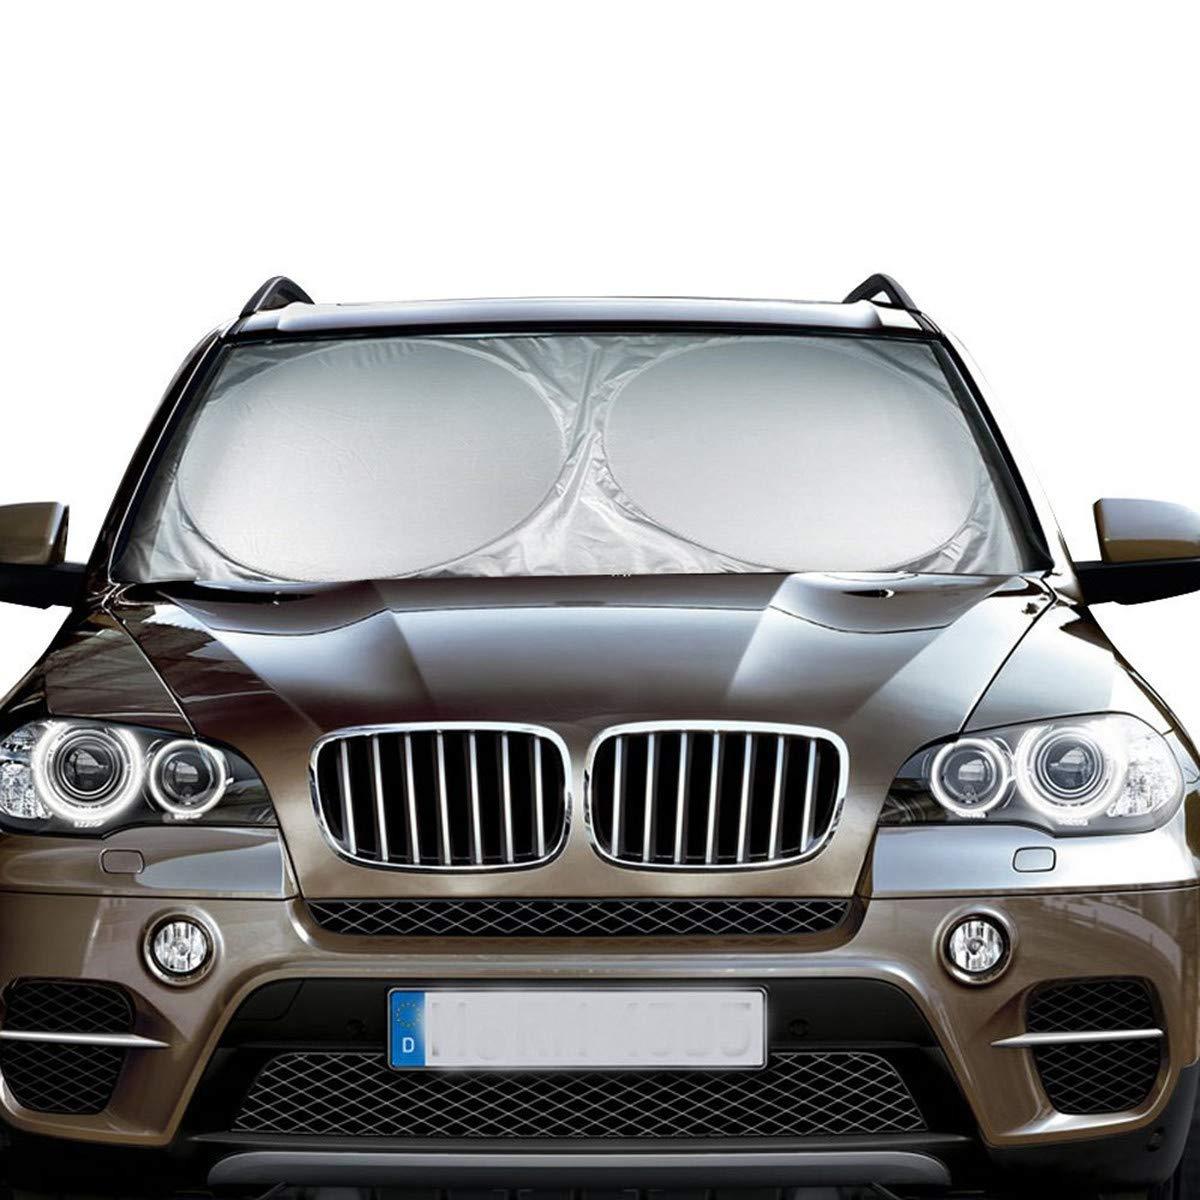 Pare-brise Avant ELUTO Pare-soleil de voiture Nylon 190T Universel Pliable et Imperméable Pare-brise Protection pour Anti Les Rayons UV et La Chaleur ARGENT (150 x 70cm)